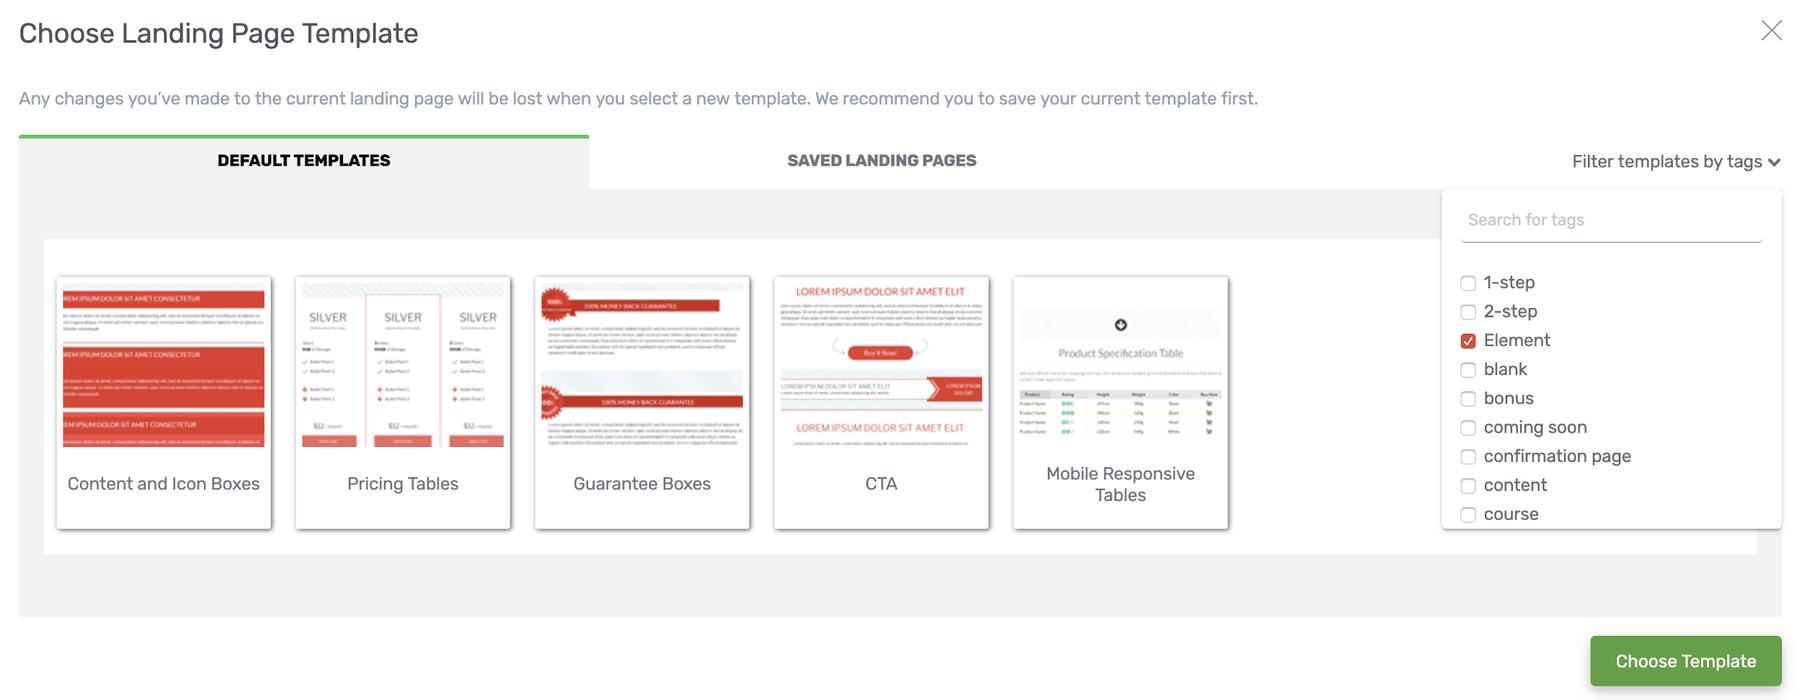 Choosing Landing page templates